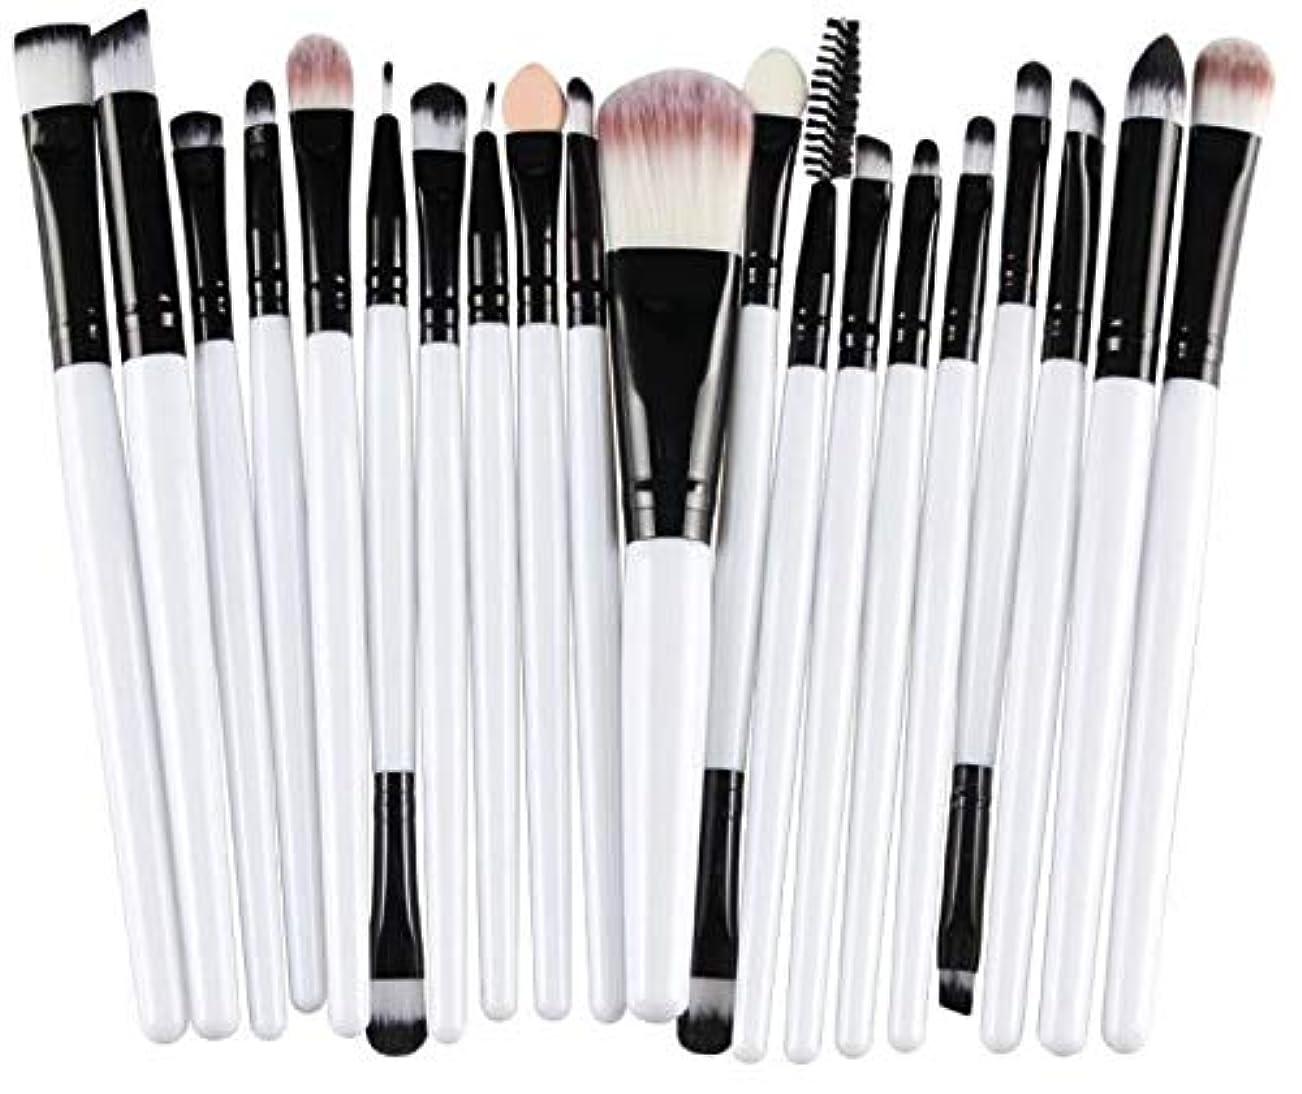 スコア許可するピッチャーFidgetGear 20本化粧ブラシセットパウダーファンデーションアイシャドーアイライナープロ化粧品W + B